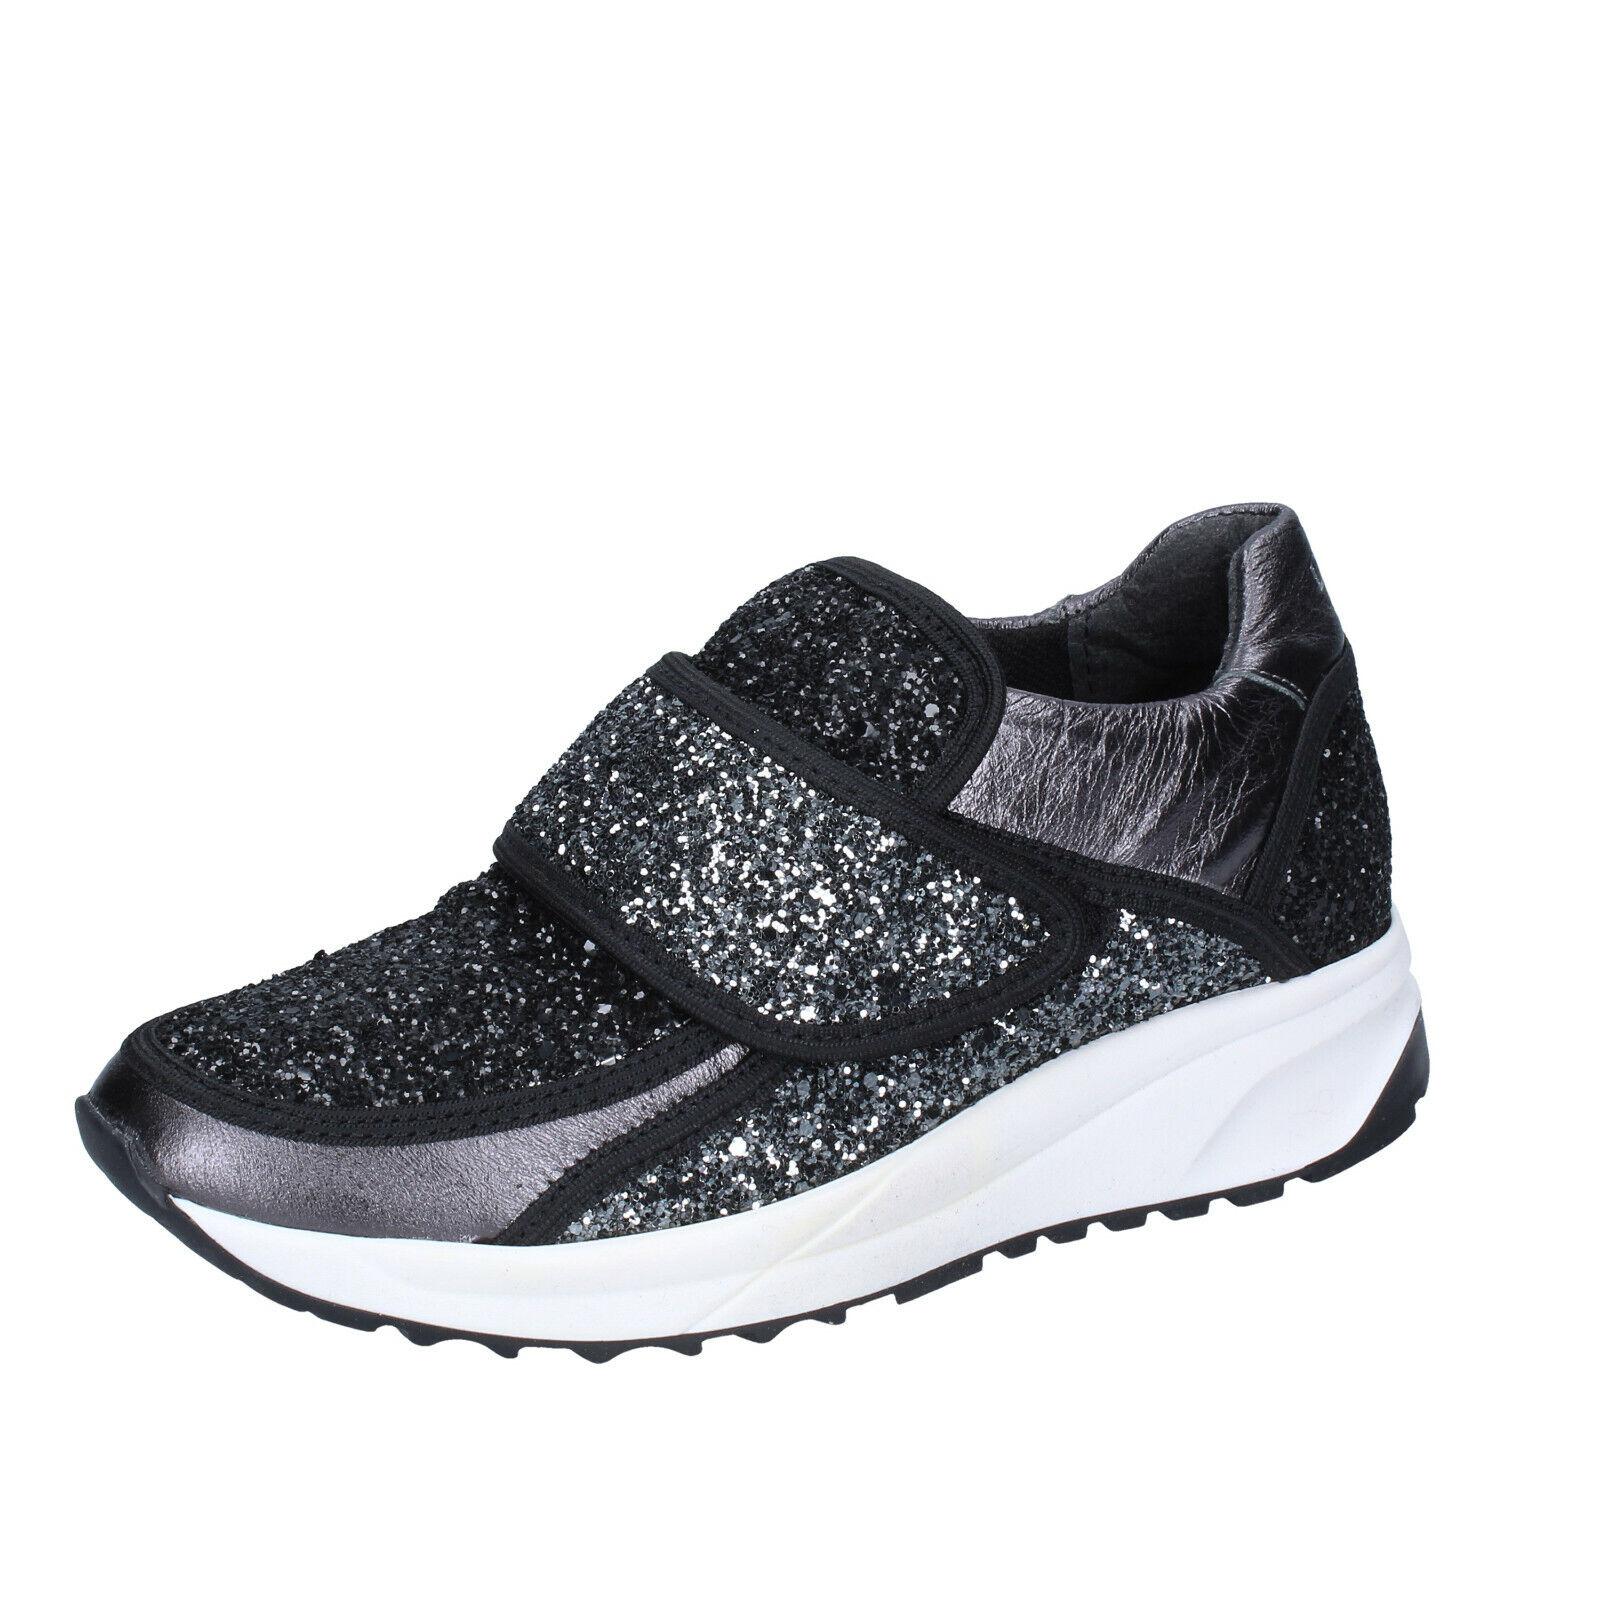 Kvinnors skor skor skor LIU JO 9 (EU 39) svarta grå glitter BS606 -39  fritid